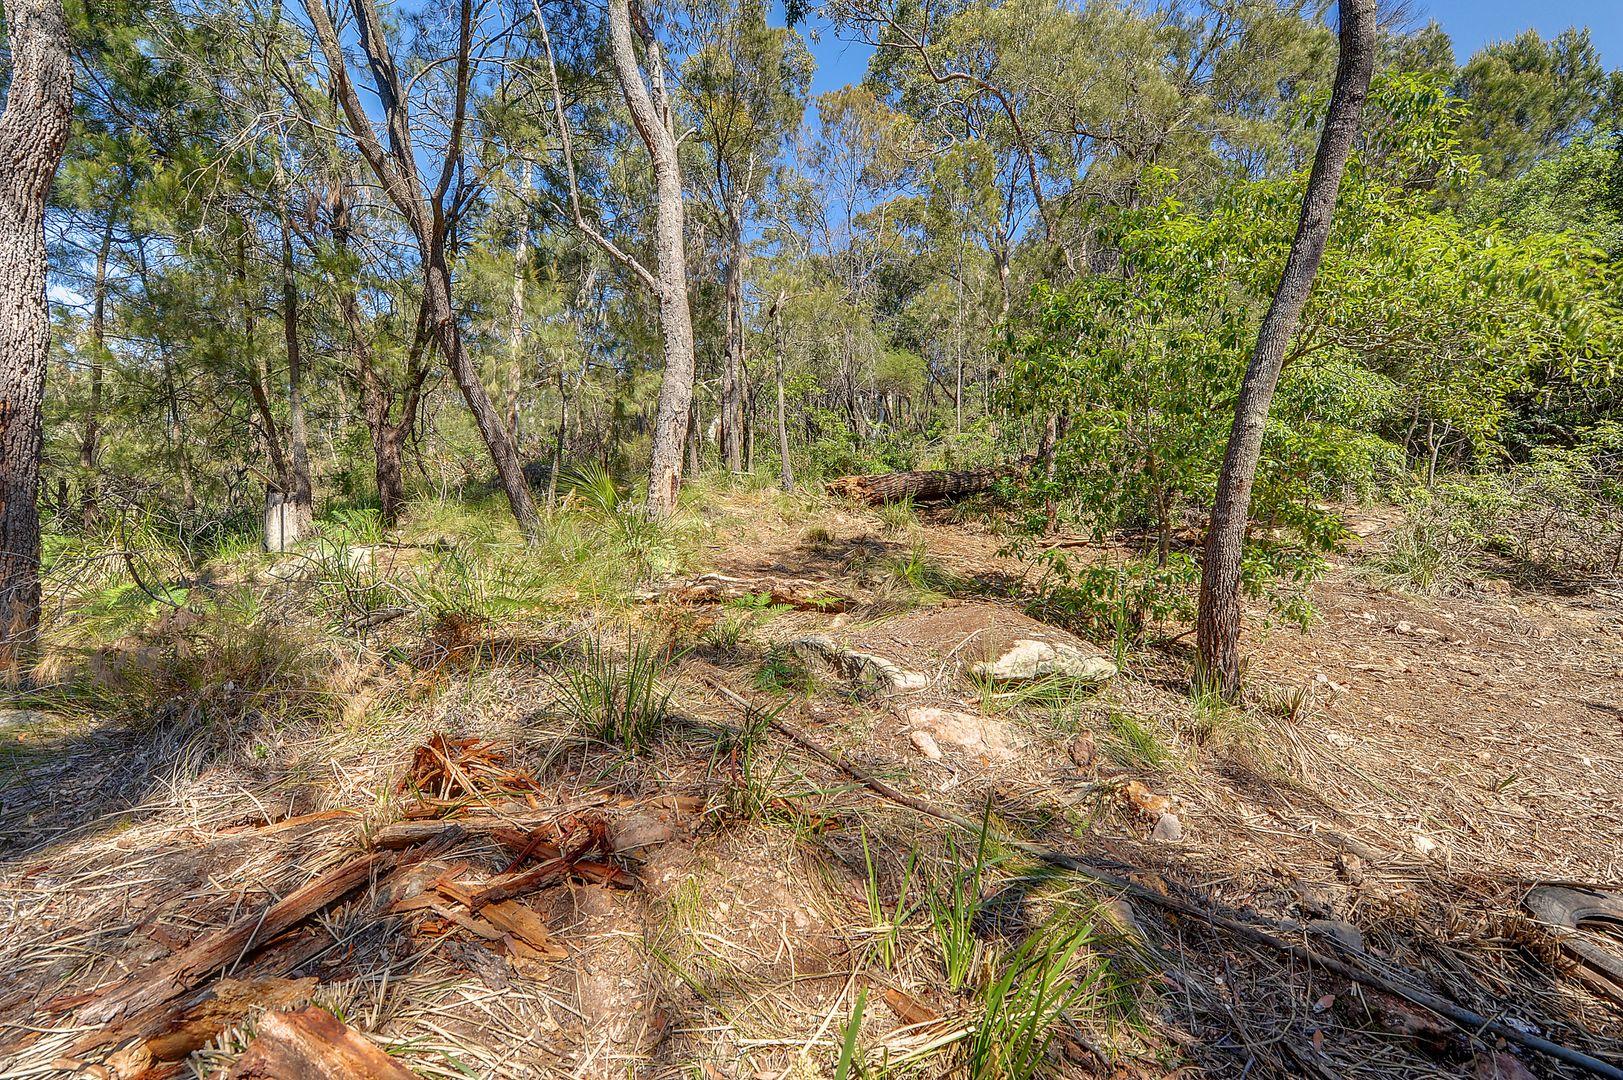 Lot 6, 3 Willunga Road, Berowra NSW 2081, Image 1